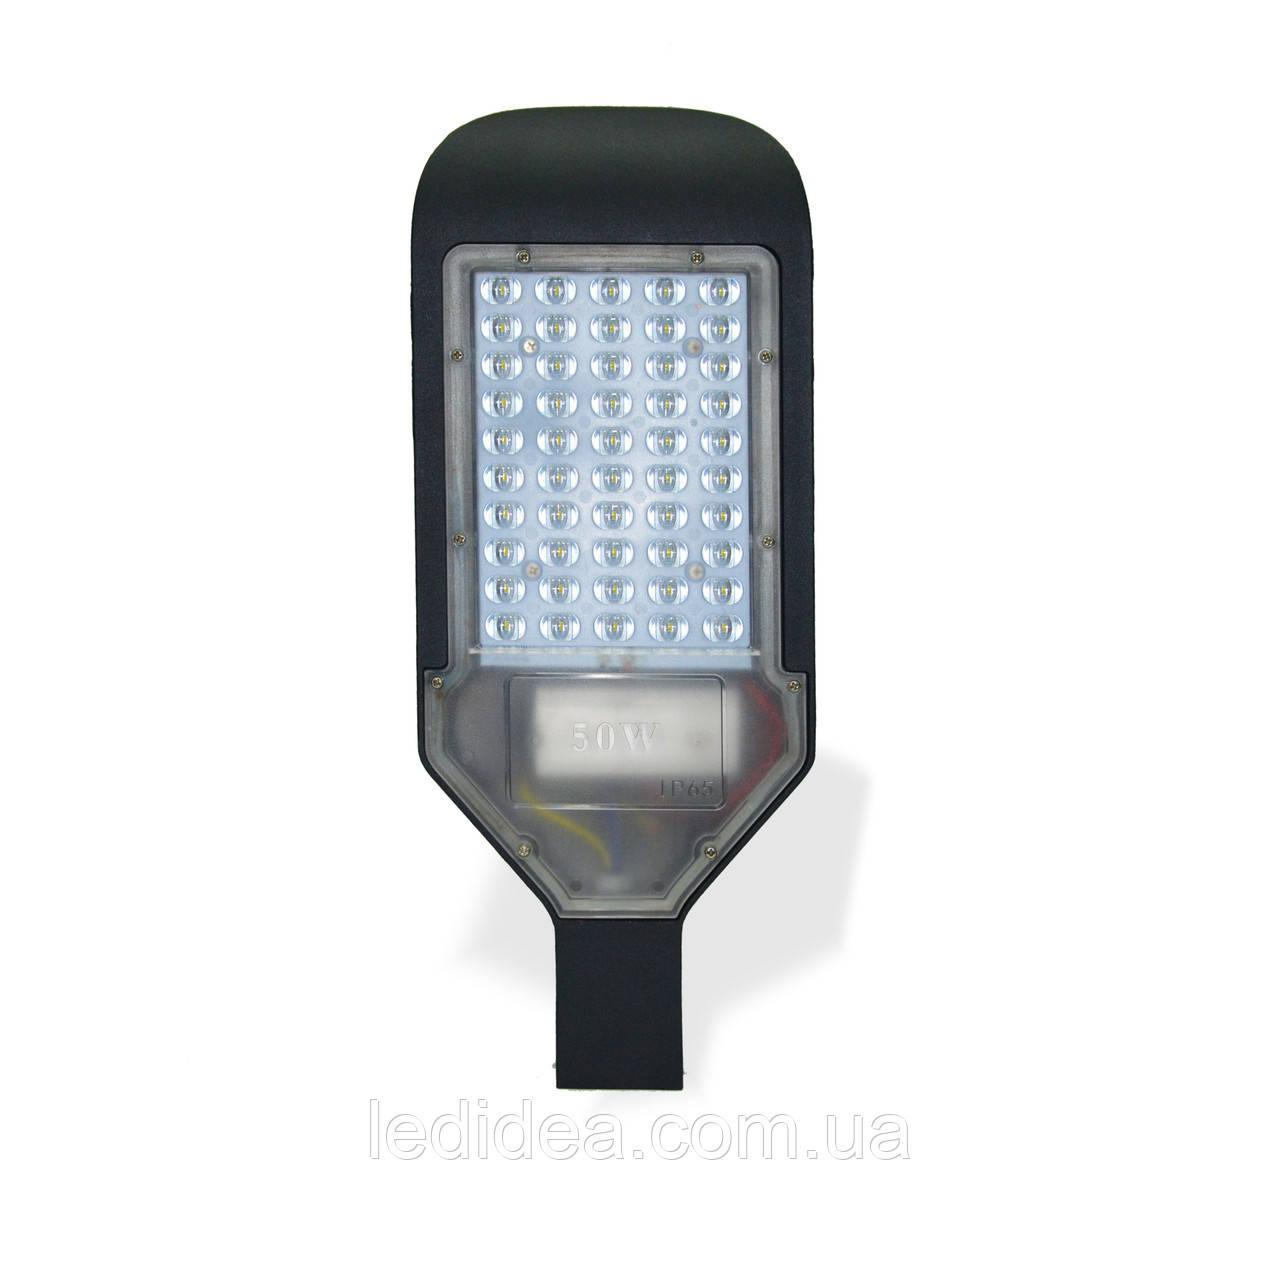 Светодиодный светильник уличный консольный 50W Sky 4500lm 6400К IP 65, фото 1